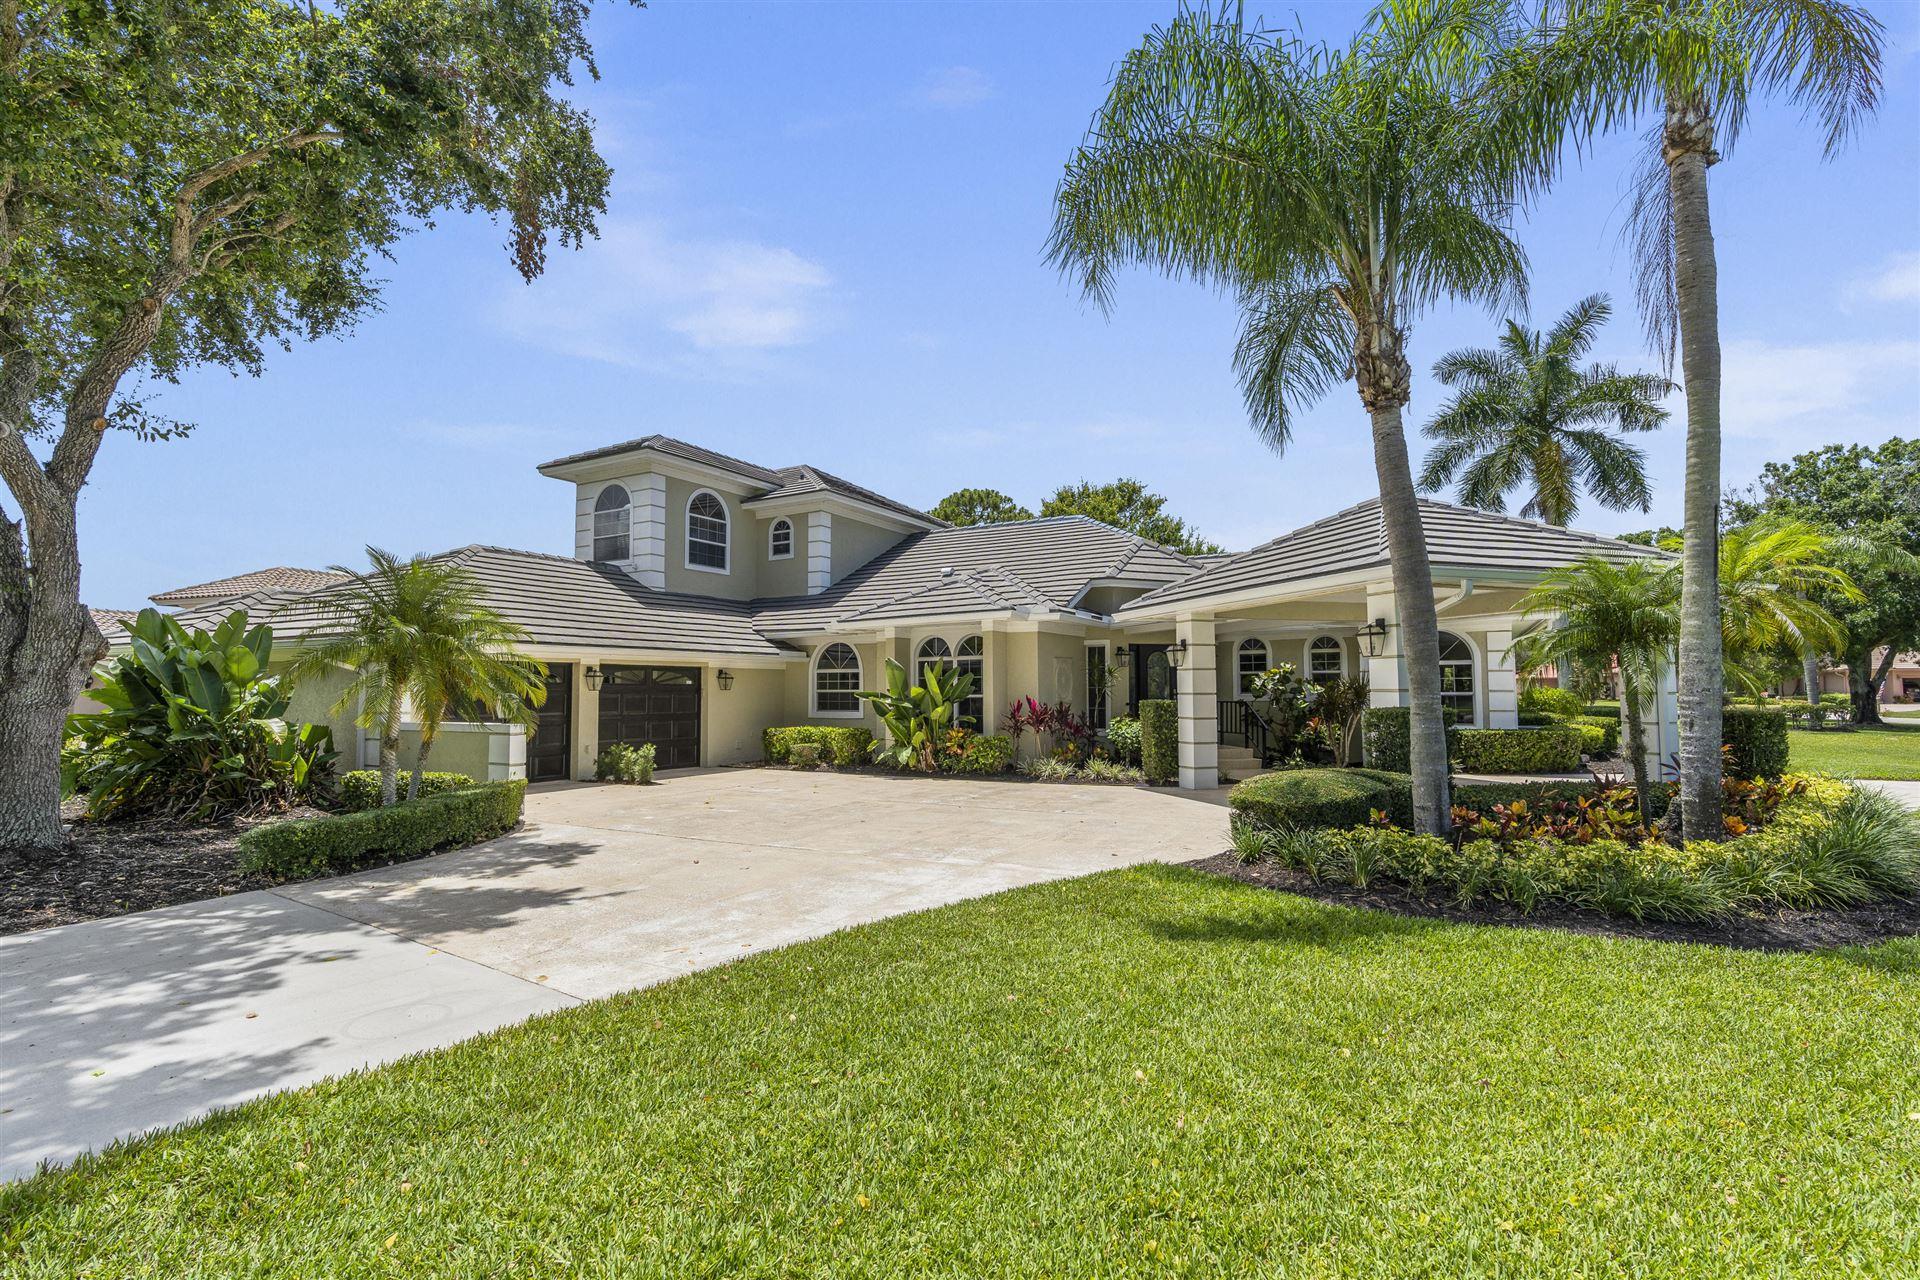 9433 Meadowood Drive, Fort Pierce, FL 34951 - #: RX-10723830